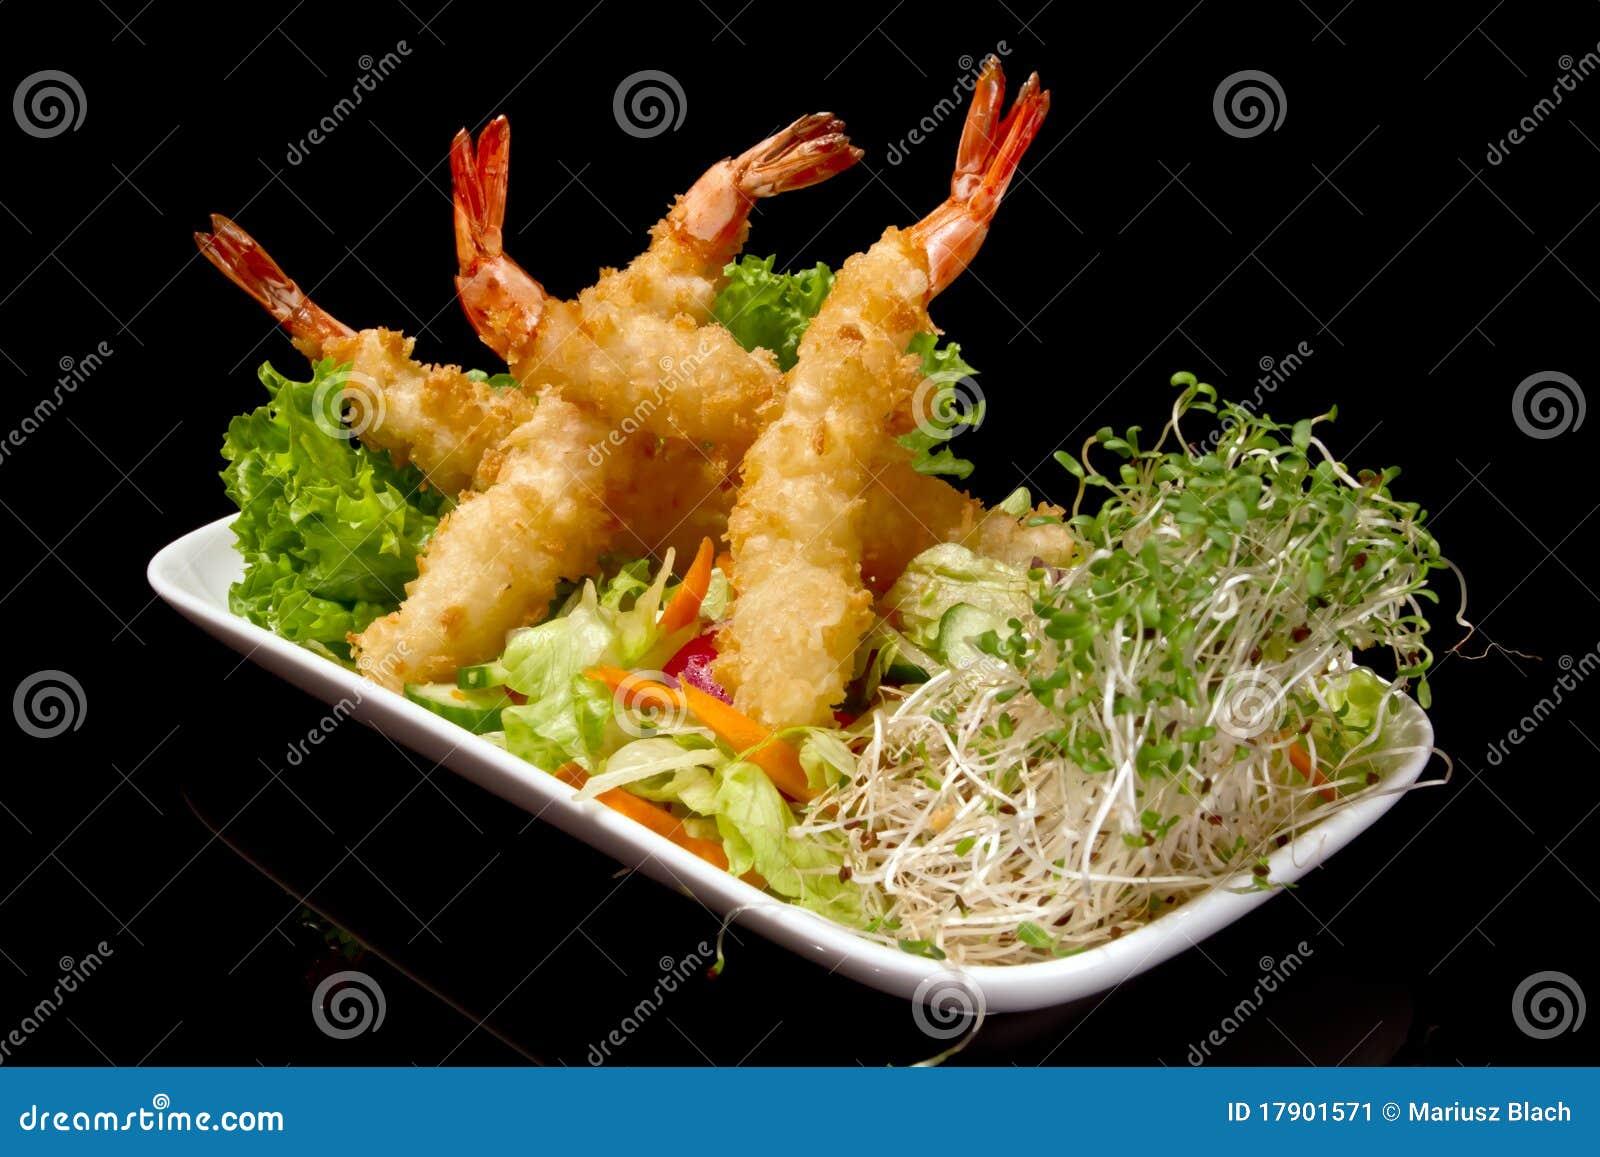 Shrimp Tempura Stock Image Image Of Nigiri Meal Fresh 17901571